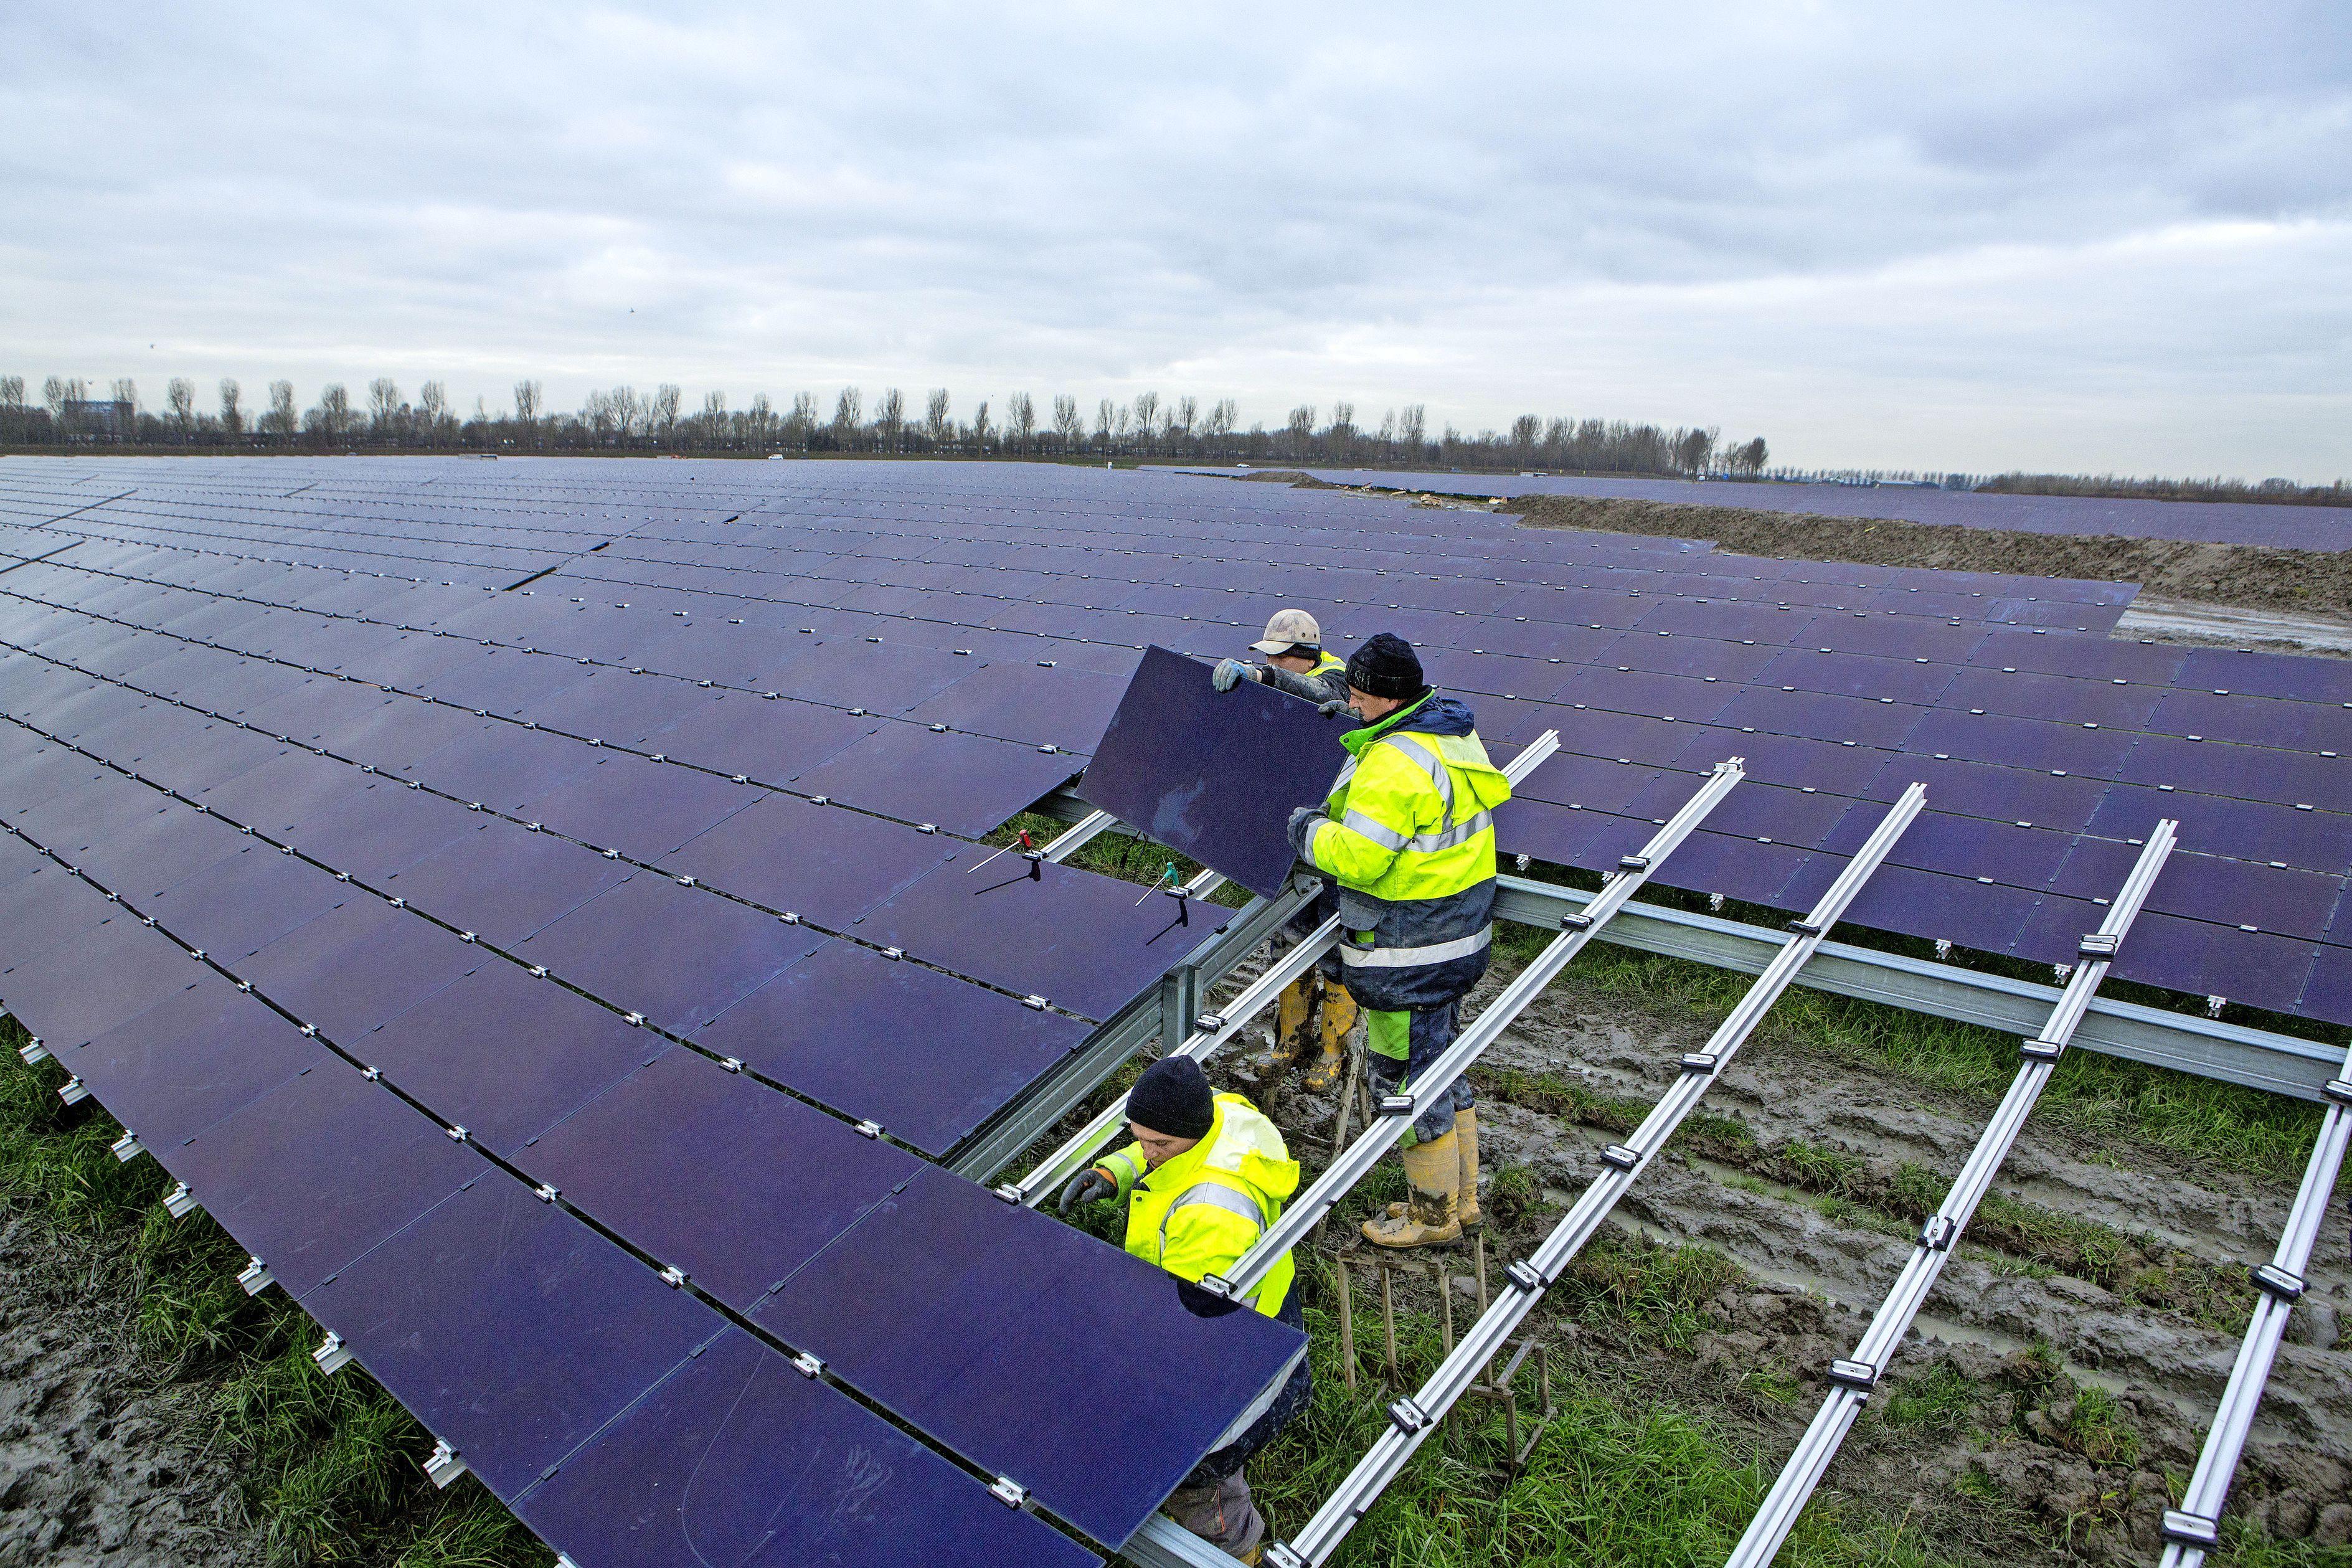 Koggenland wil zonneweide zelf bouwen. Voormalig bedrijventerrein Distriport krijgt nieuwe invulling